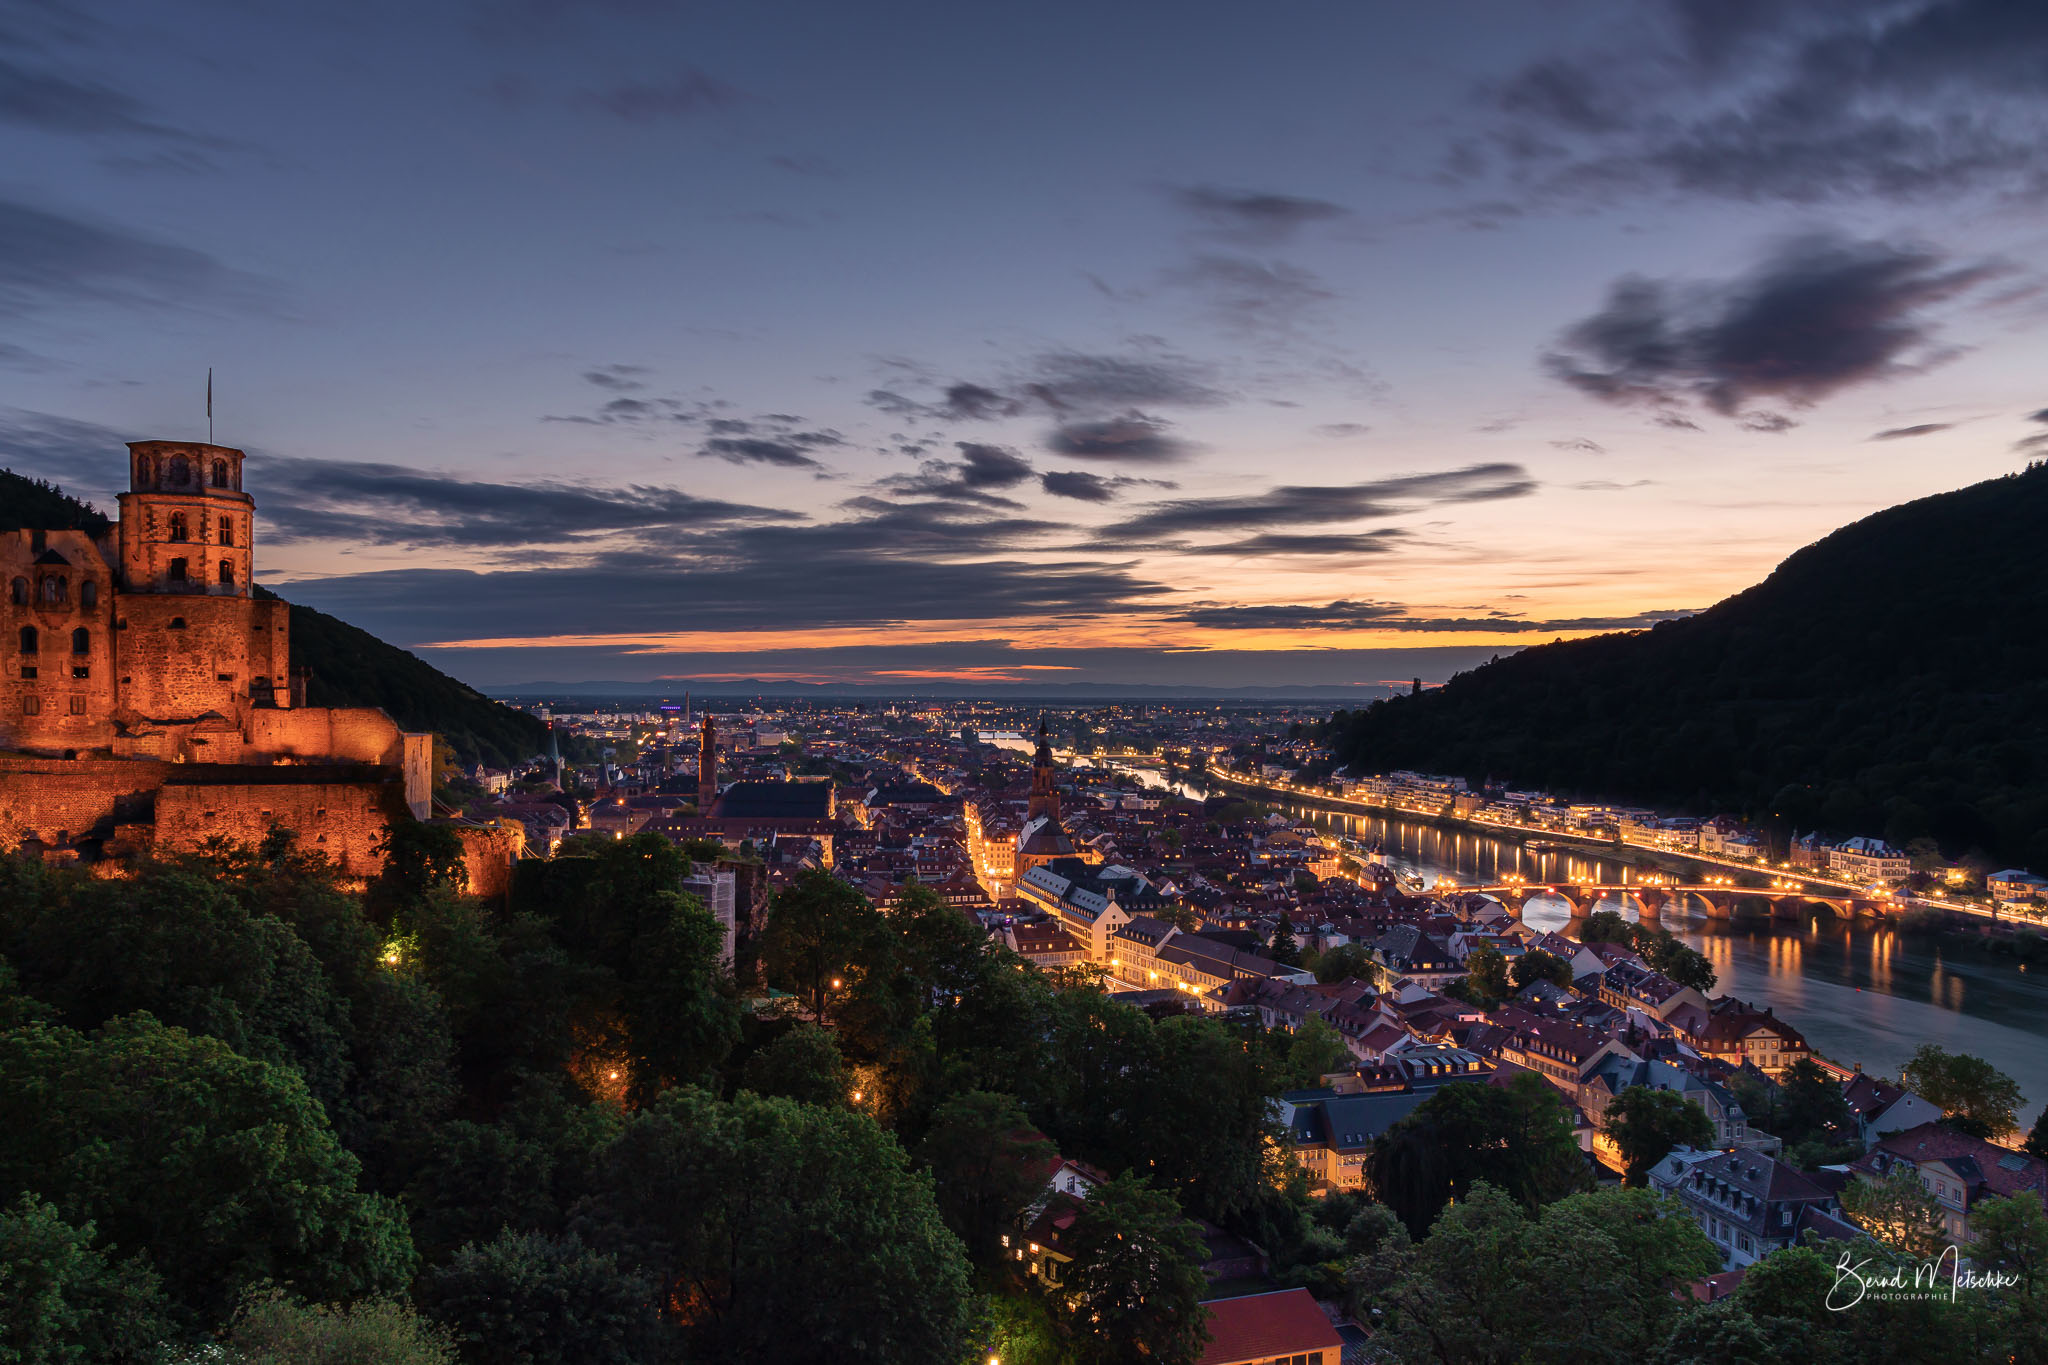 Schlossruine - Alte Brücke - Neckar in Heidelberg